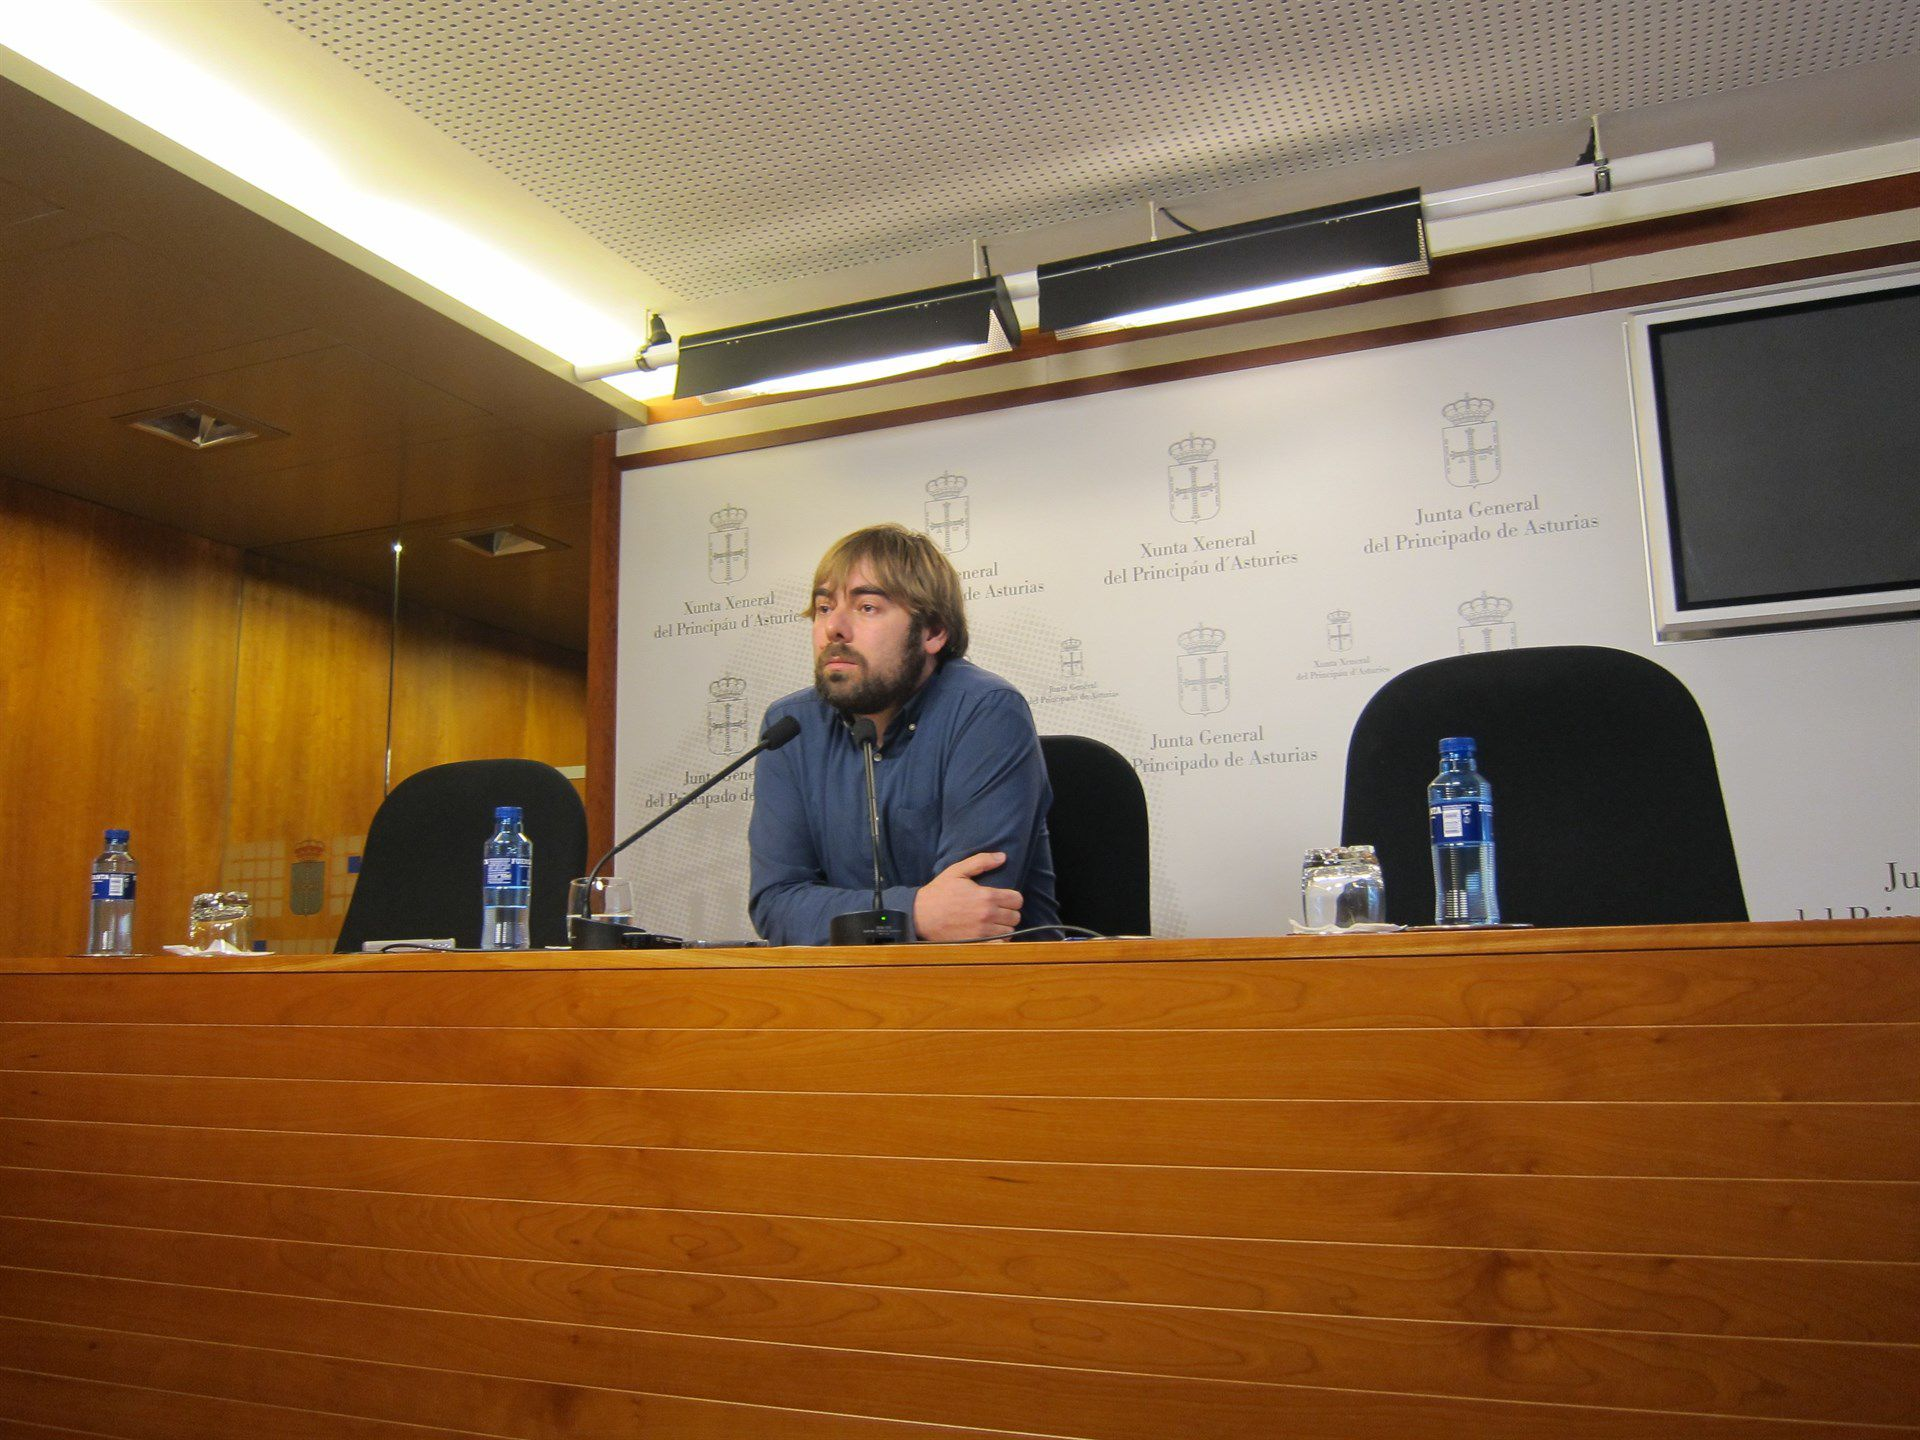 Segundo González, de Podemos, y Francisco Álvarez-Cascos, de Foro Asturias.Daniel Ripa